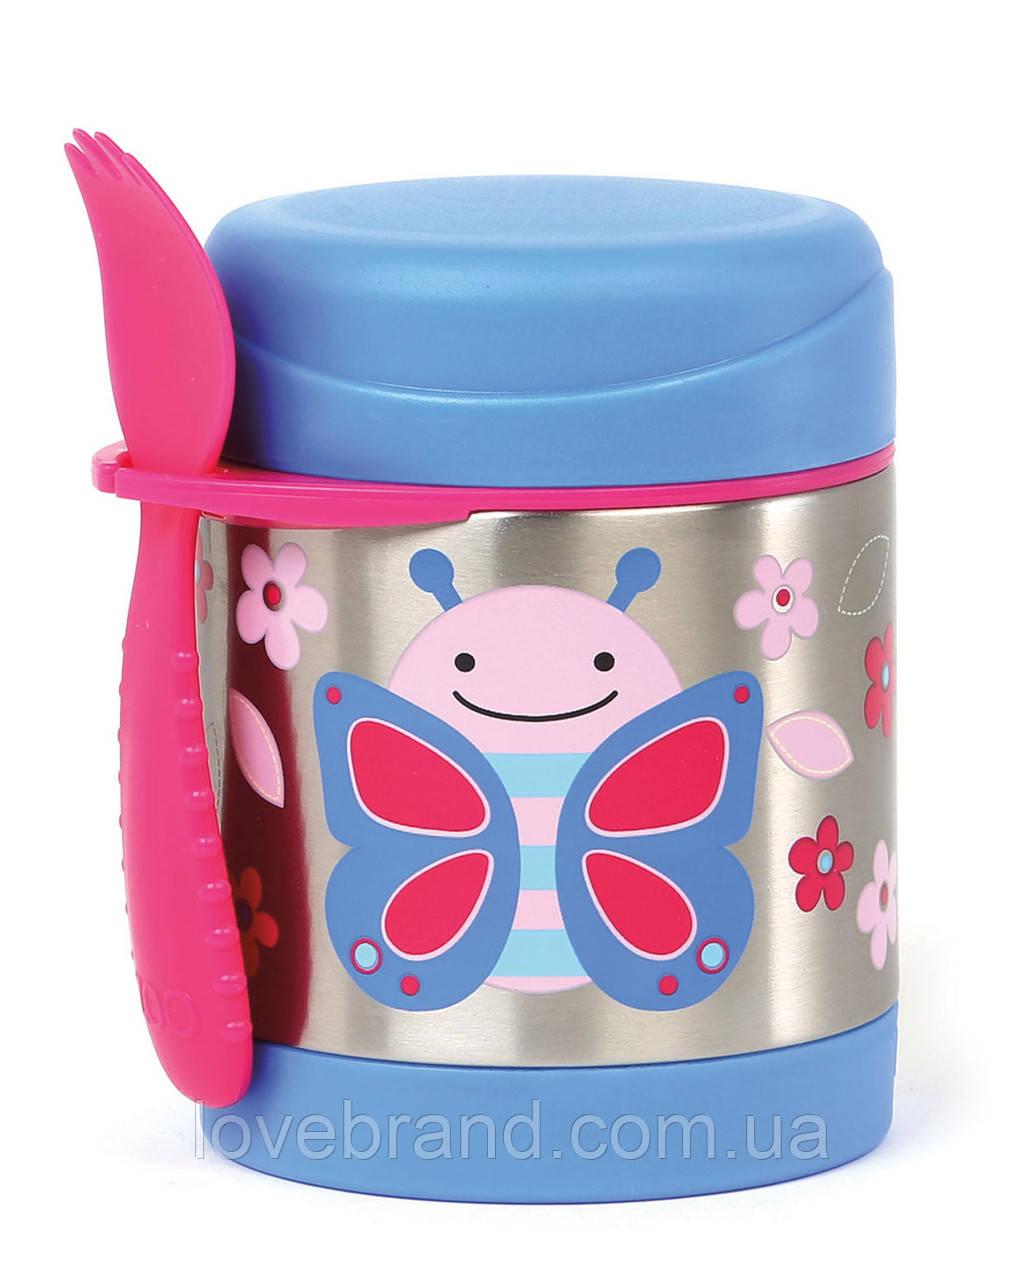 Детский термос для еды с бабочкой Skip Hop (США), посуда скип хоп для малышей